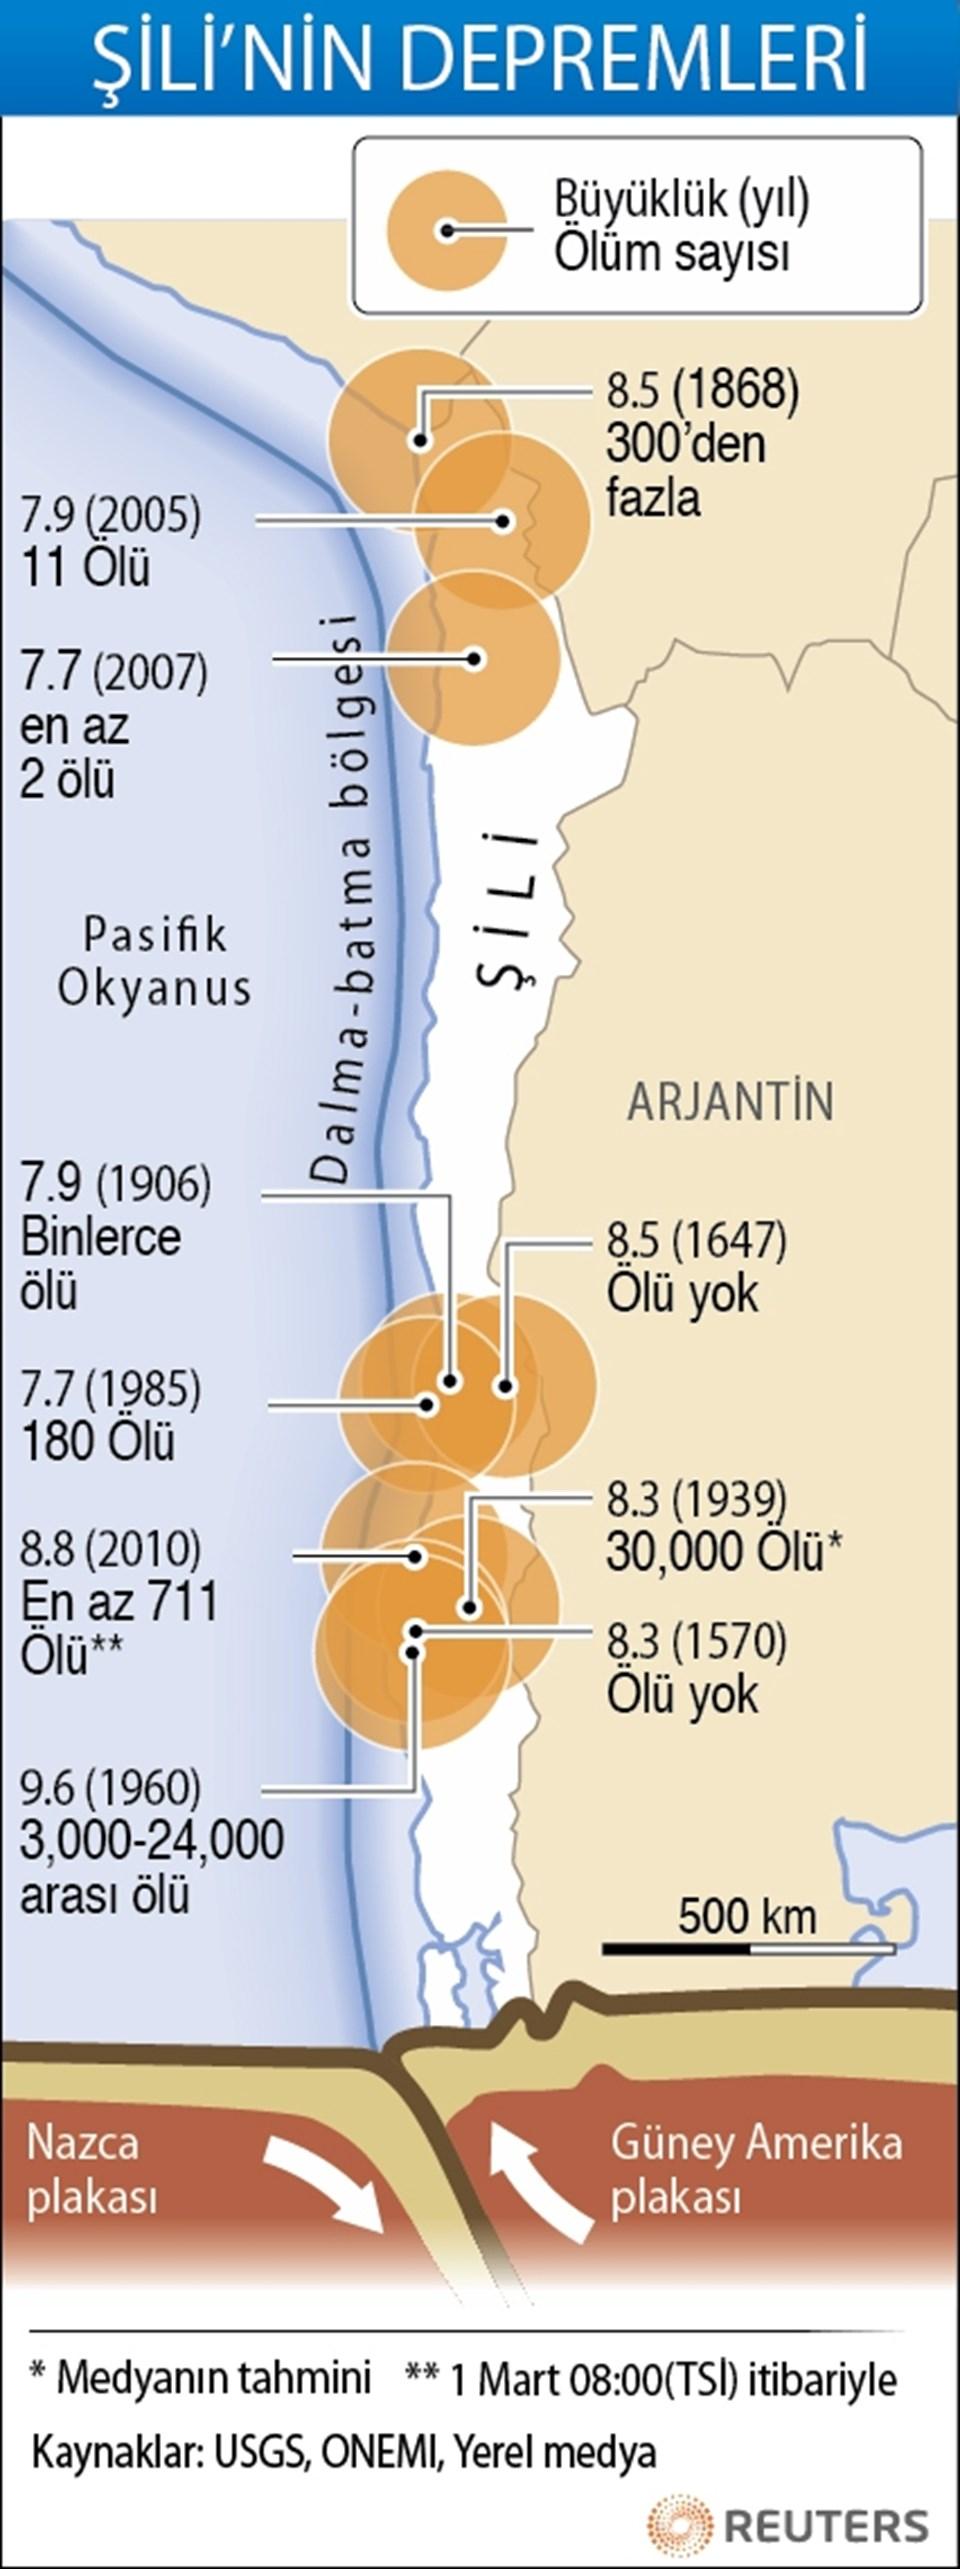 Şili'de meydana gelen depremler ve kayıp sayıları.